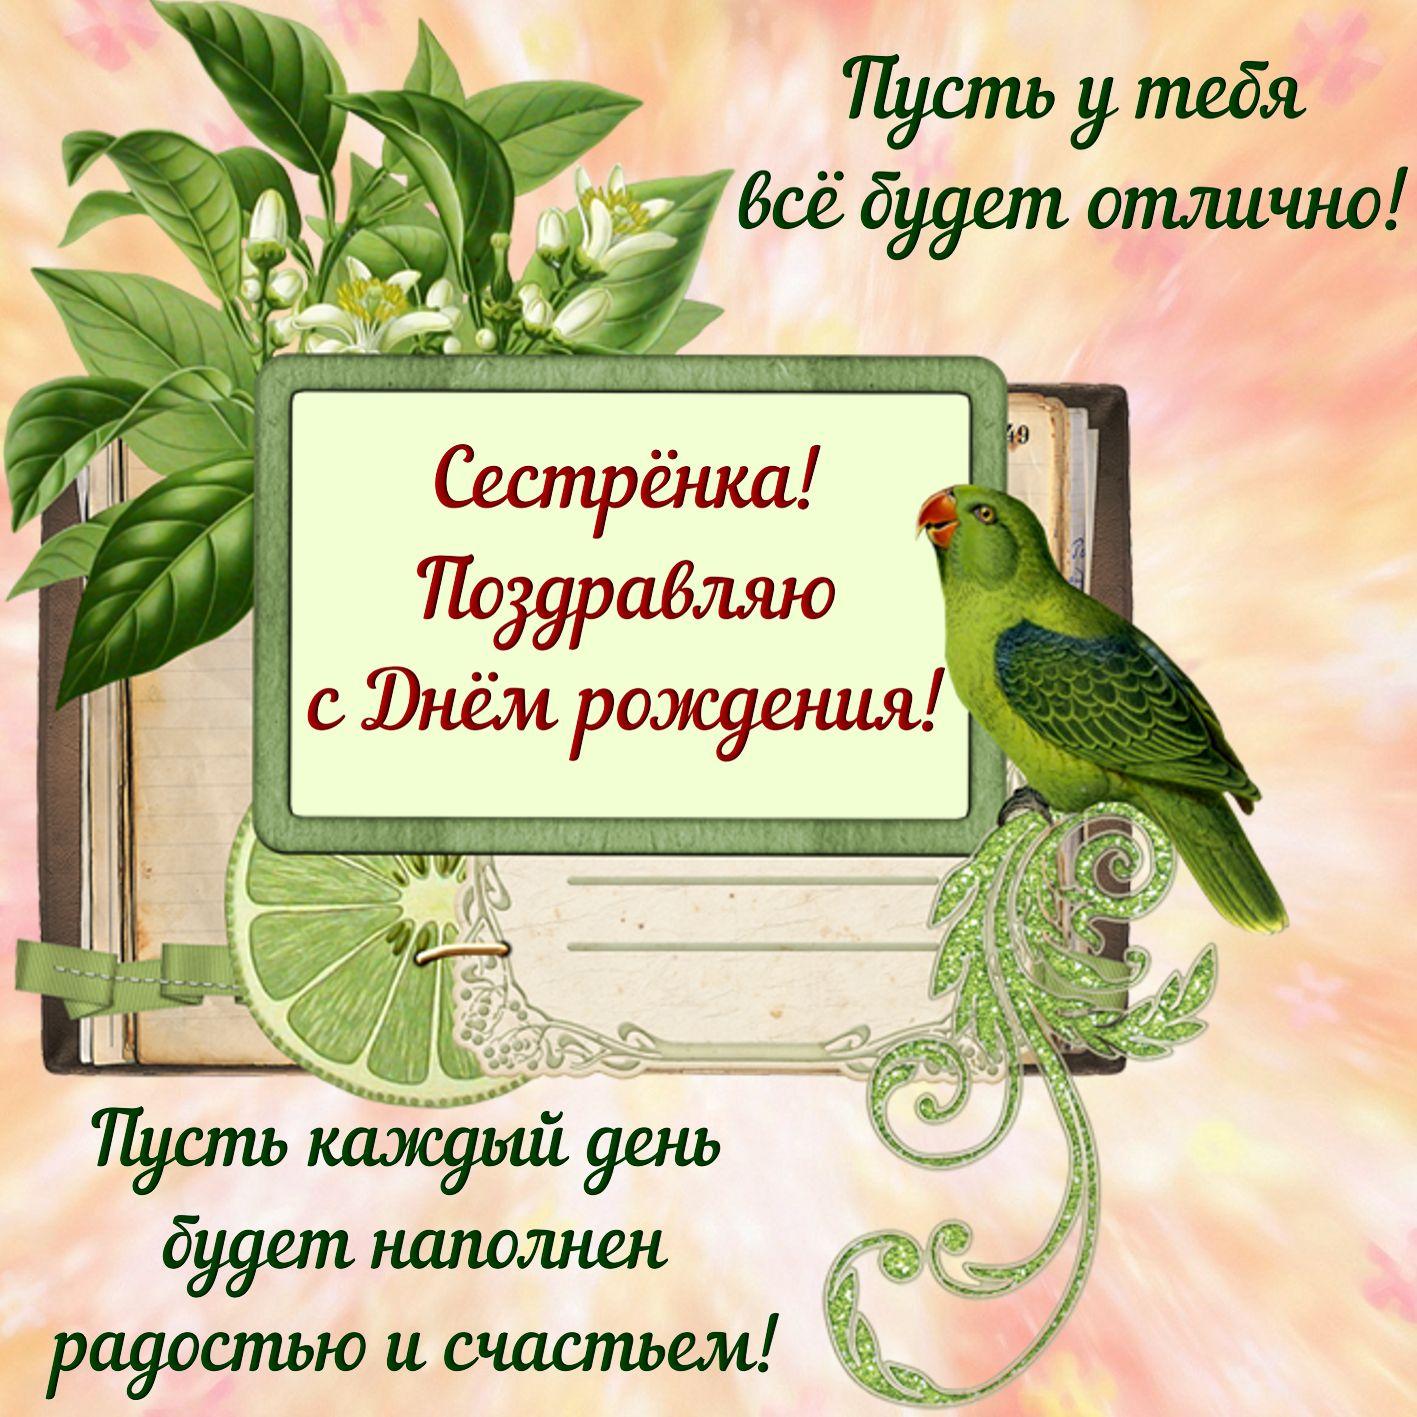 Красивая картинка с попугаем и пожеланием сестре на День рождения